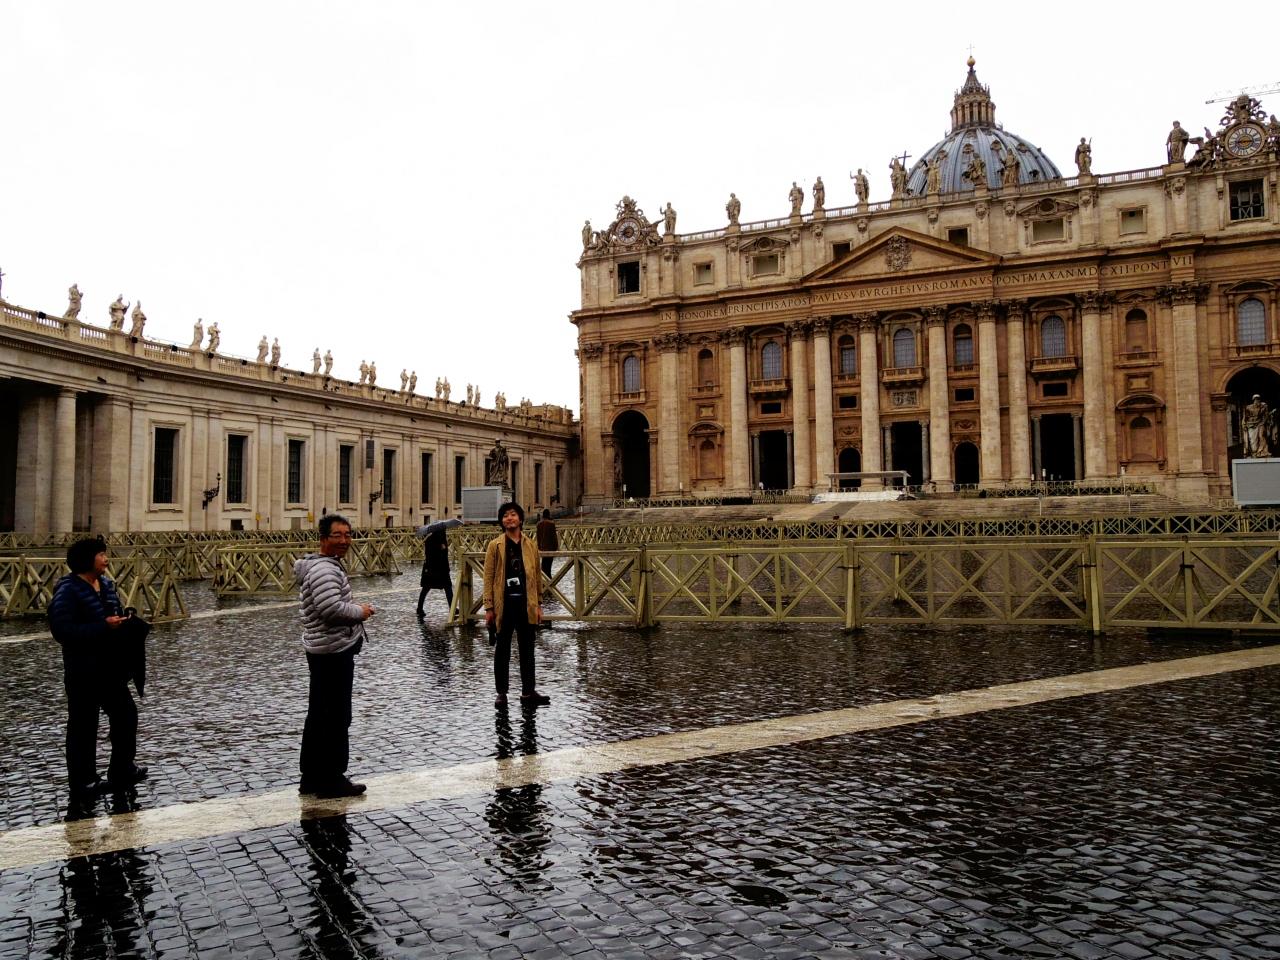 ローマ歴史地区、教皇領とサン・パオロ・フオーリ・レ・ムーラ大聖堂の画像 p1_27